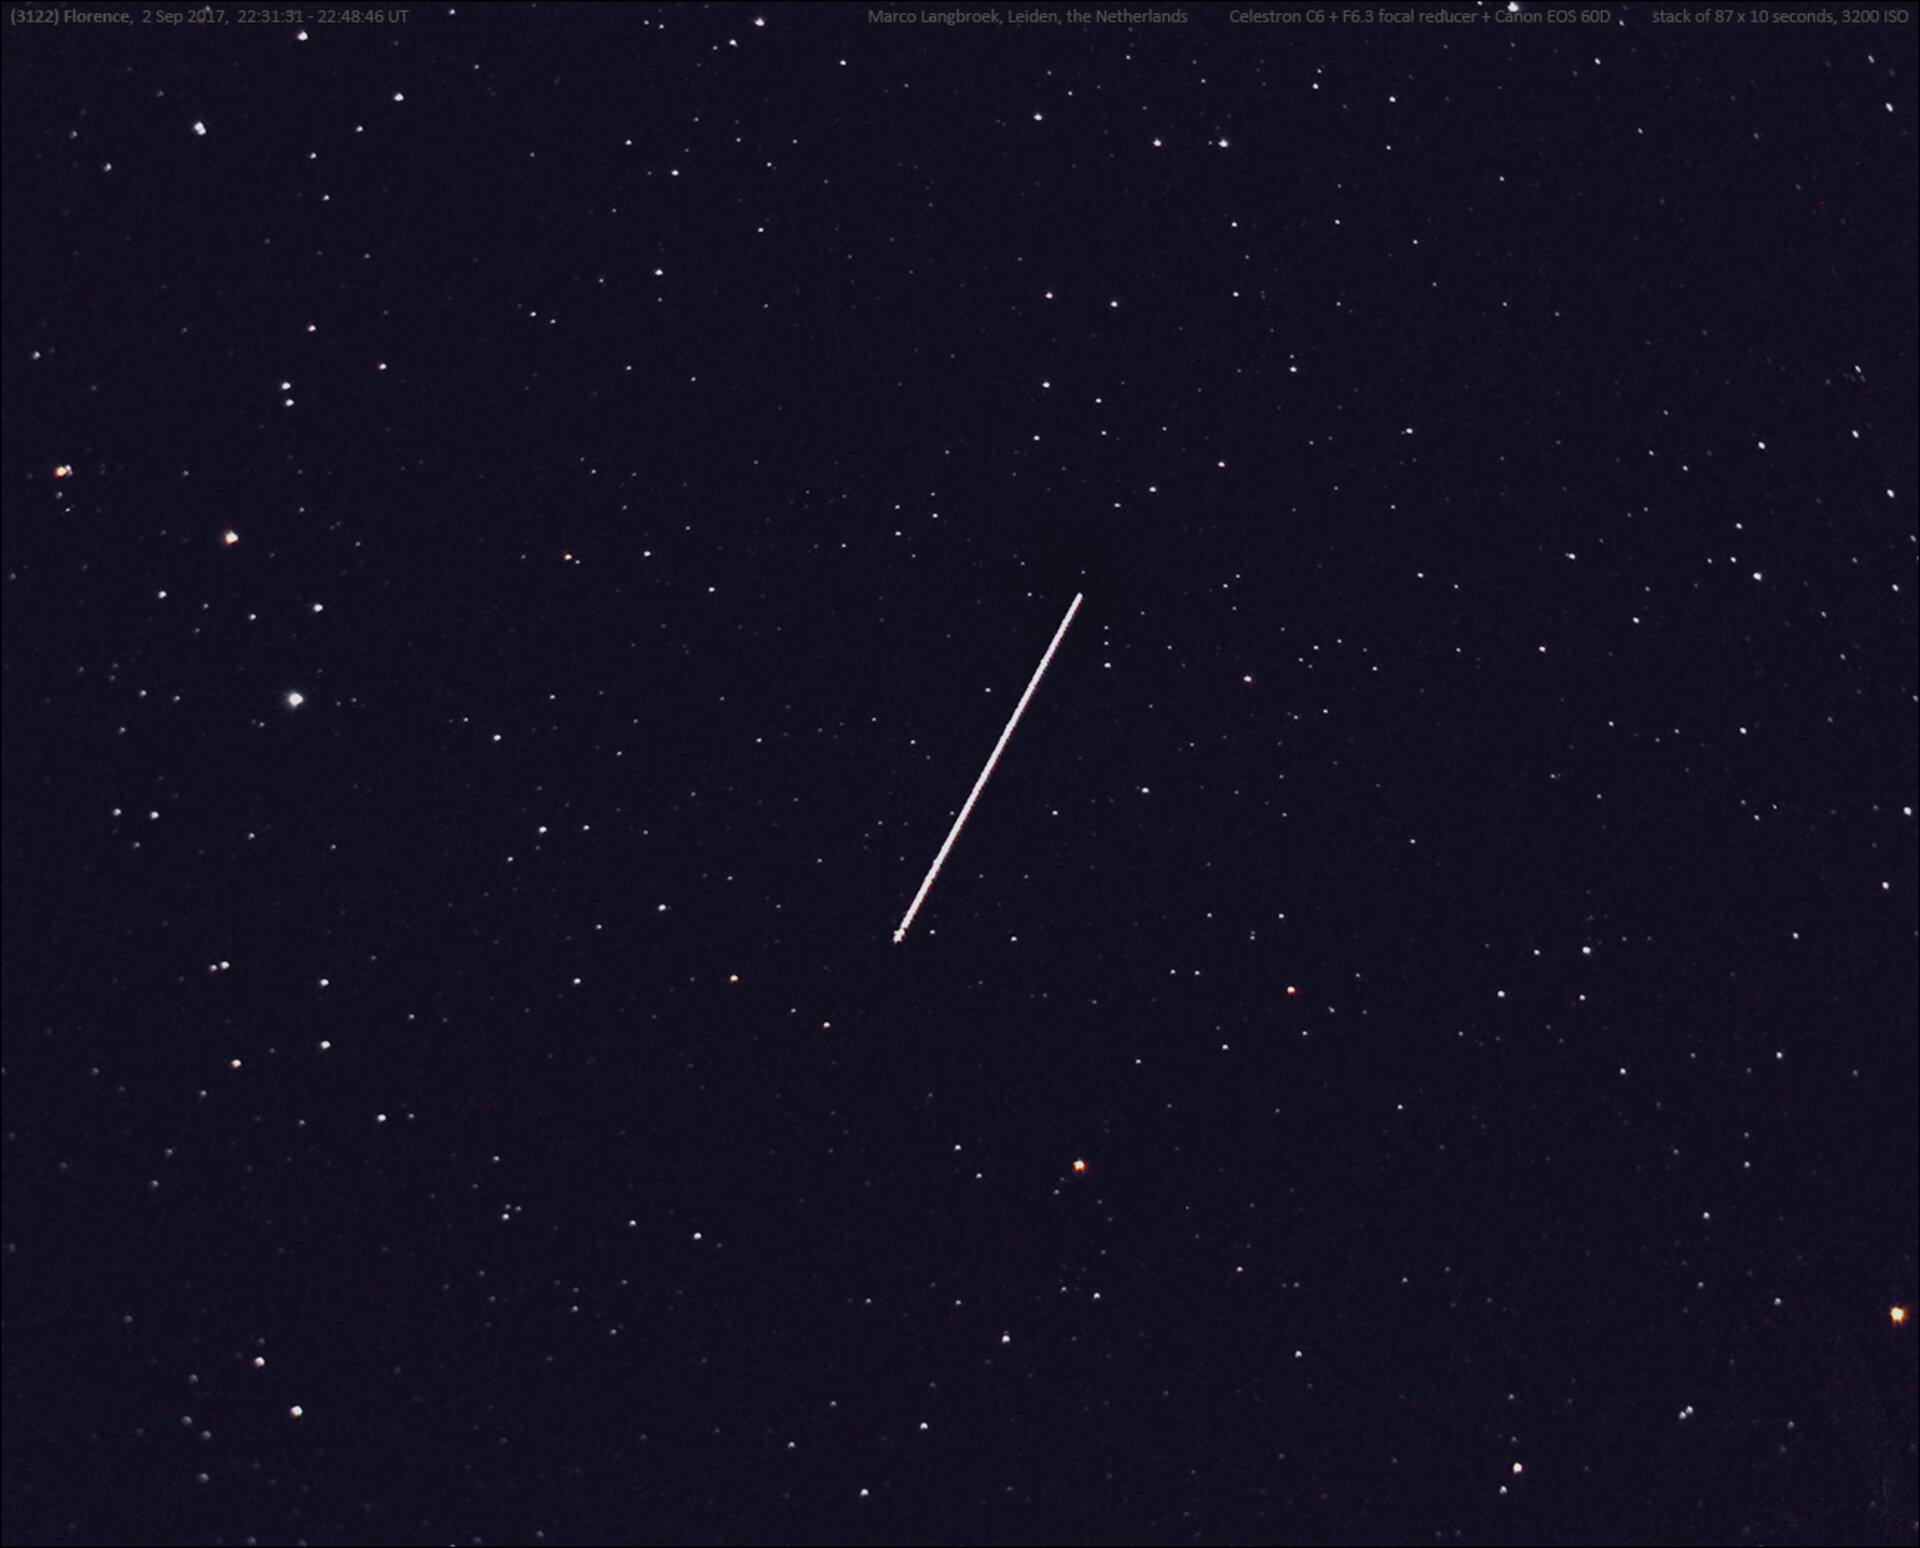 астероид флоренс картинки президента заявили